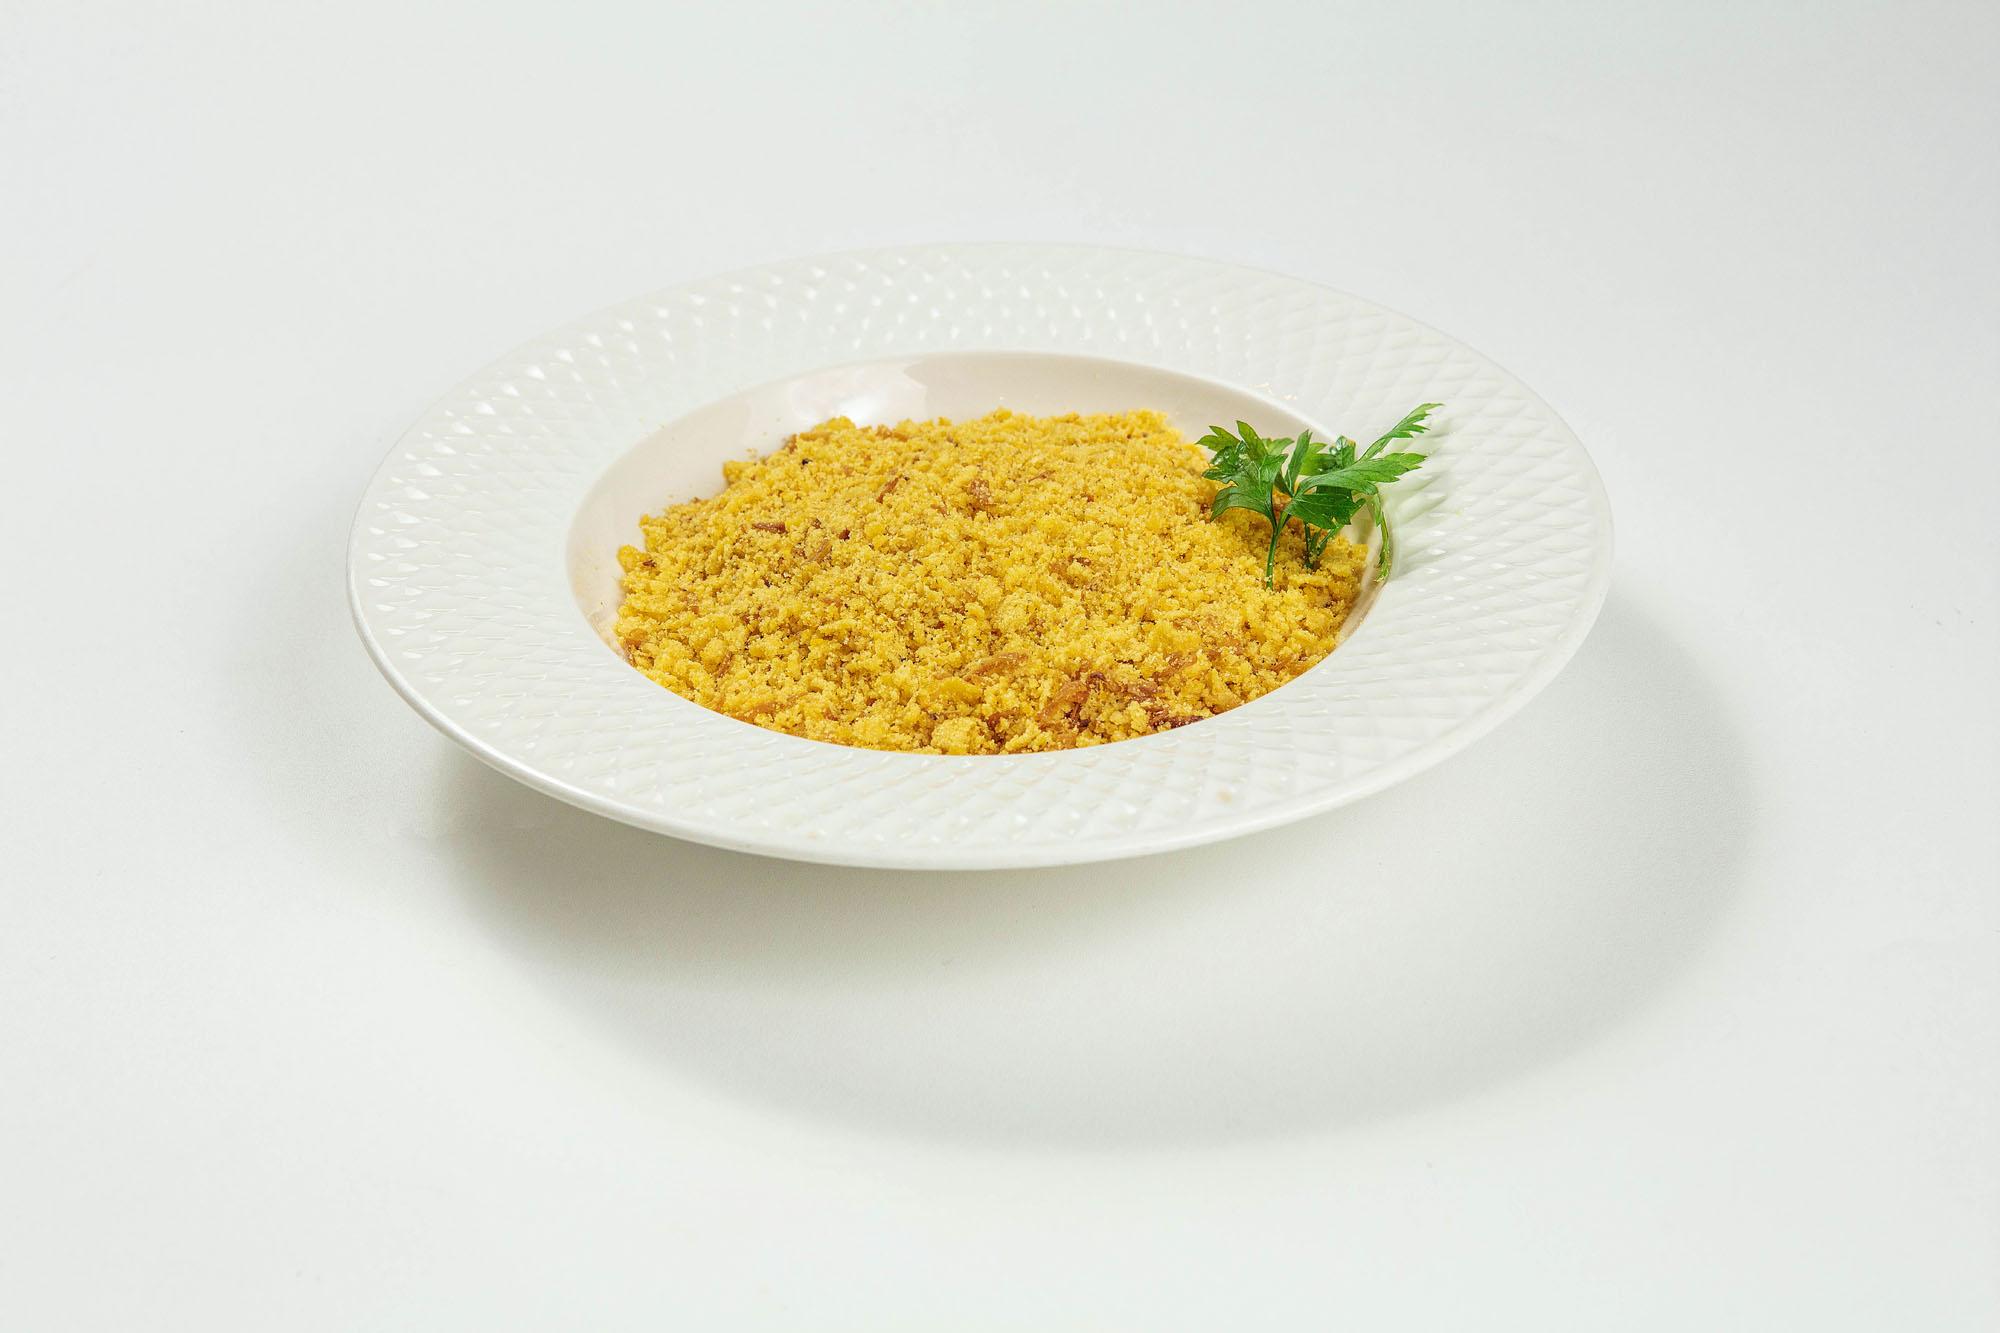 Farofa de Milho com Cebola 100g